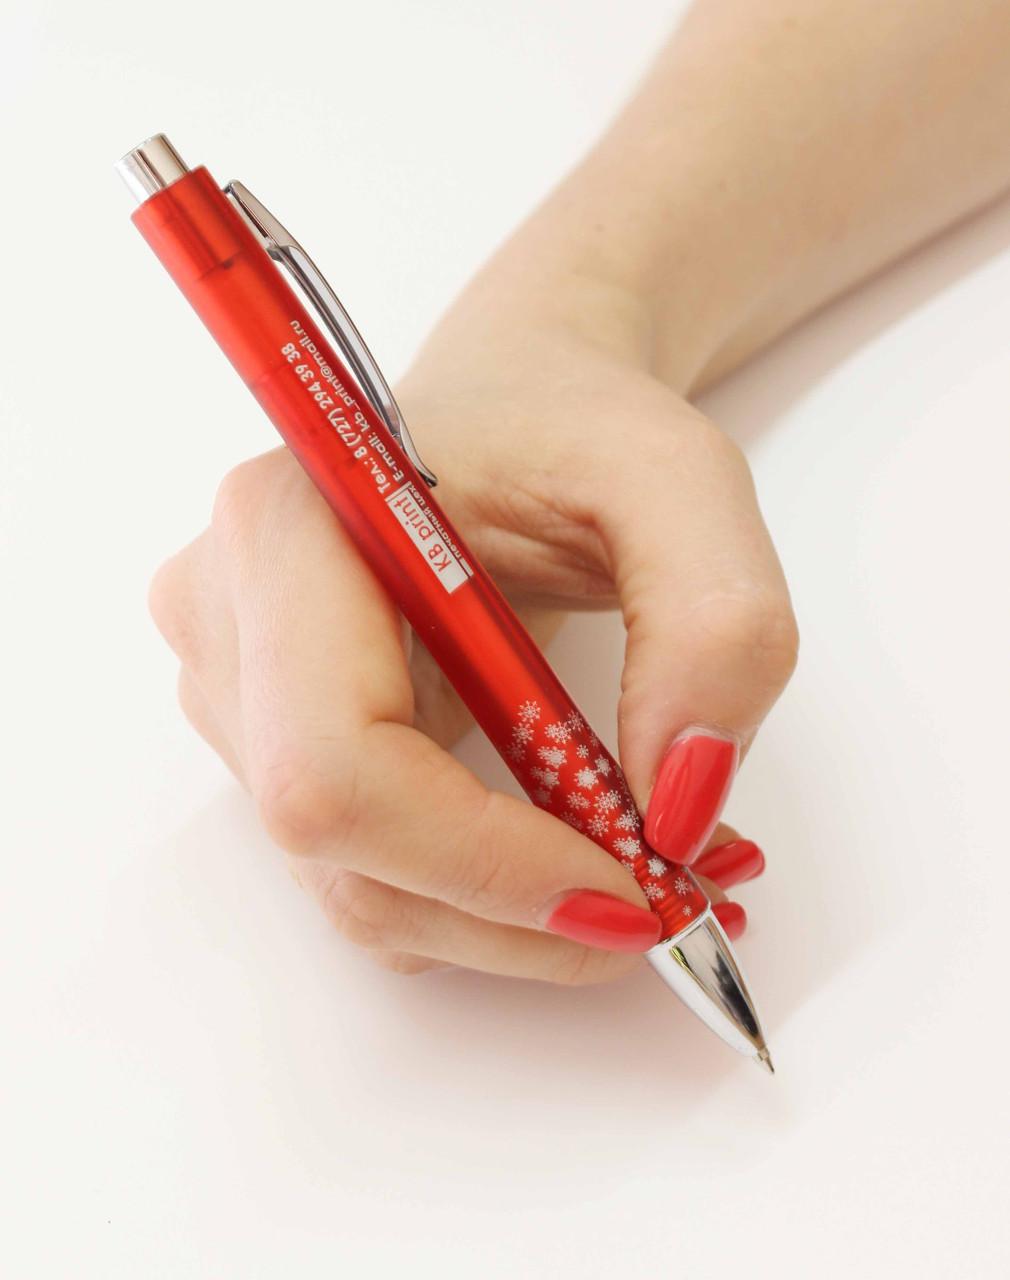 Печать на ручки, зажигалки, брелоки, футляры, карандаши и другие  предметы рекламно-сувенирной продукции.